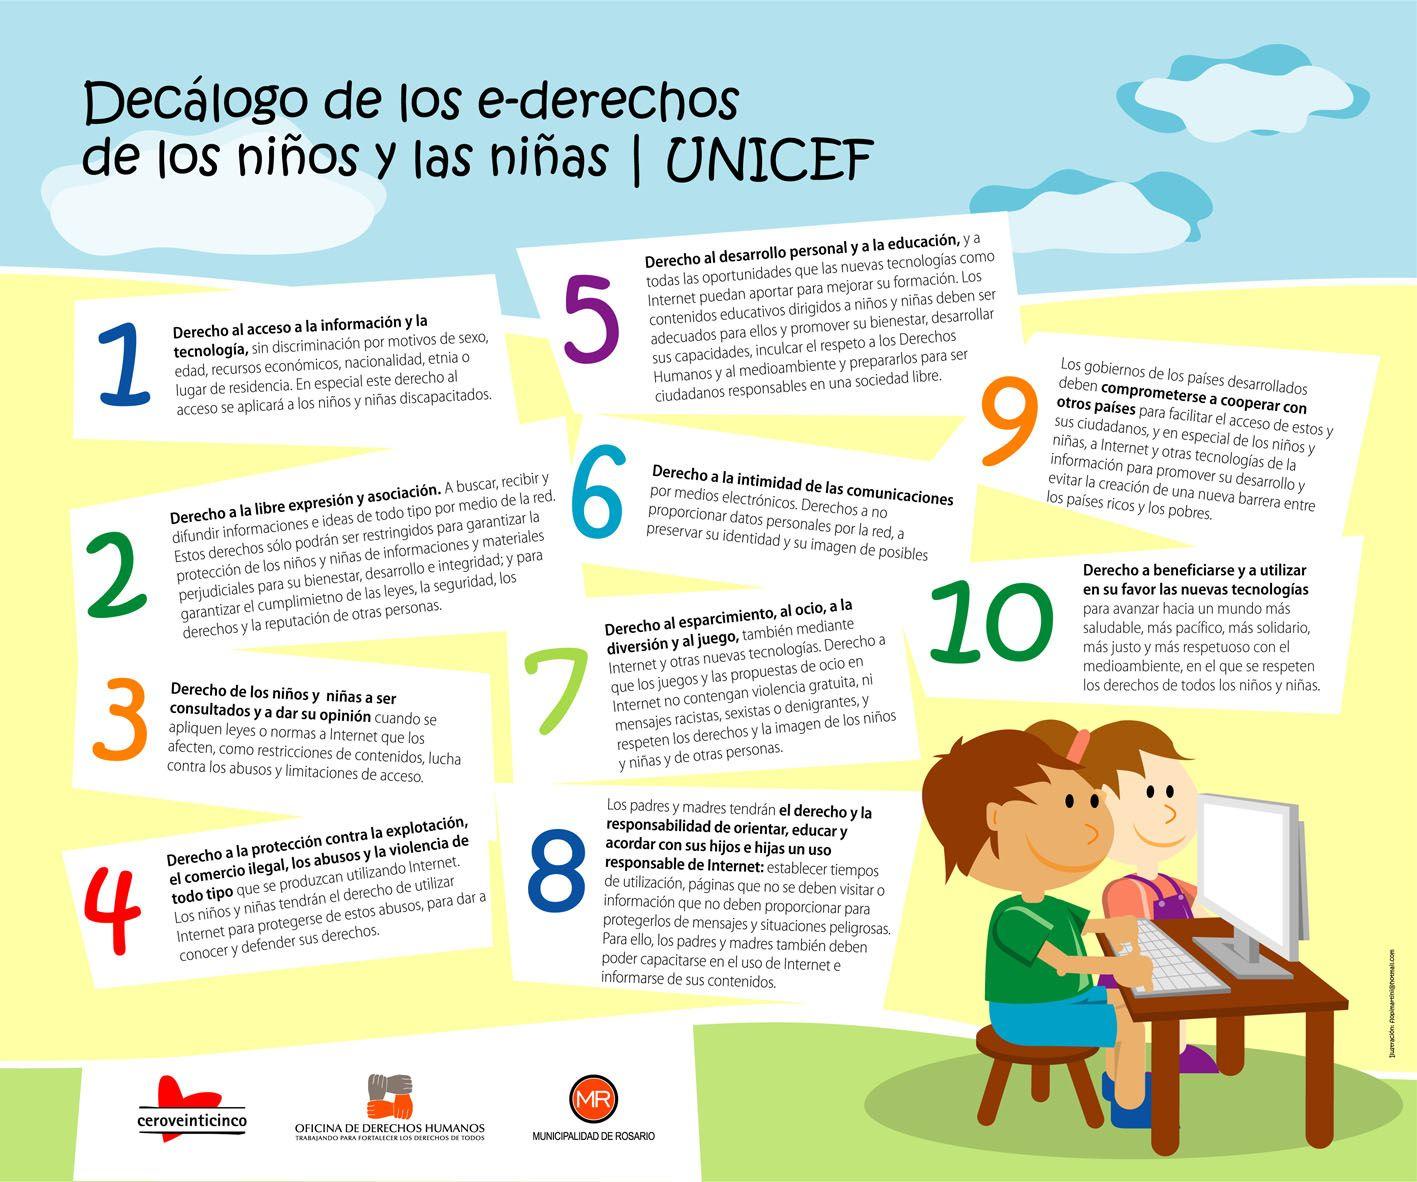 Pequeblog1 Guia De Lectura Decalogo De Los Derechos De La Infancia En Internet Derechos De La Infancia Derechos De Los Ninos Deberes De Los Ninos